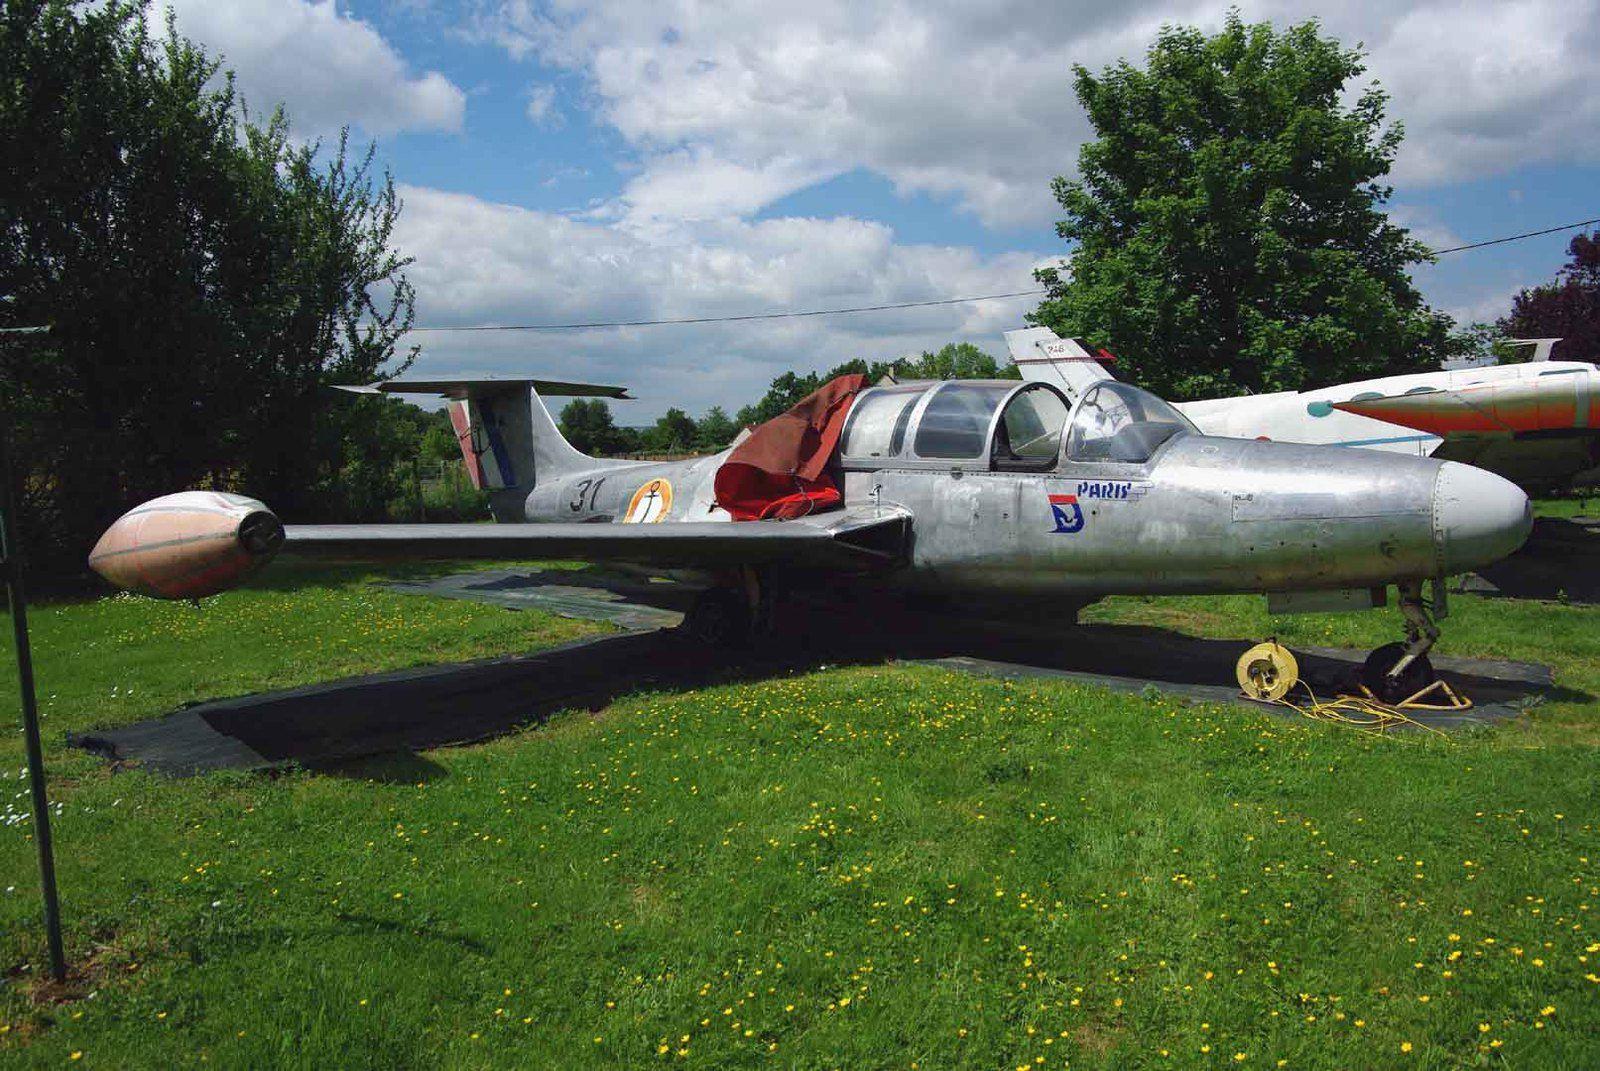 Restauré, avec autant de ferveur que le Mirage IIIR, le Morane 760 Paris N°31 est superbe.